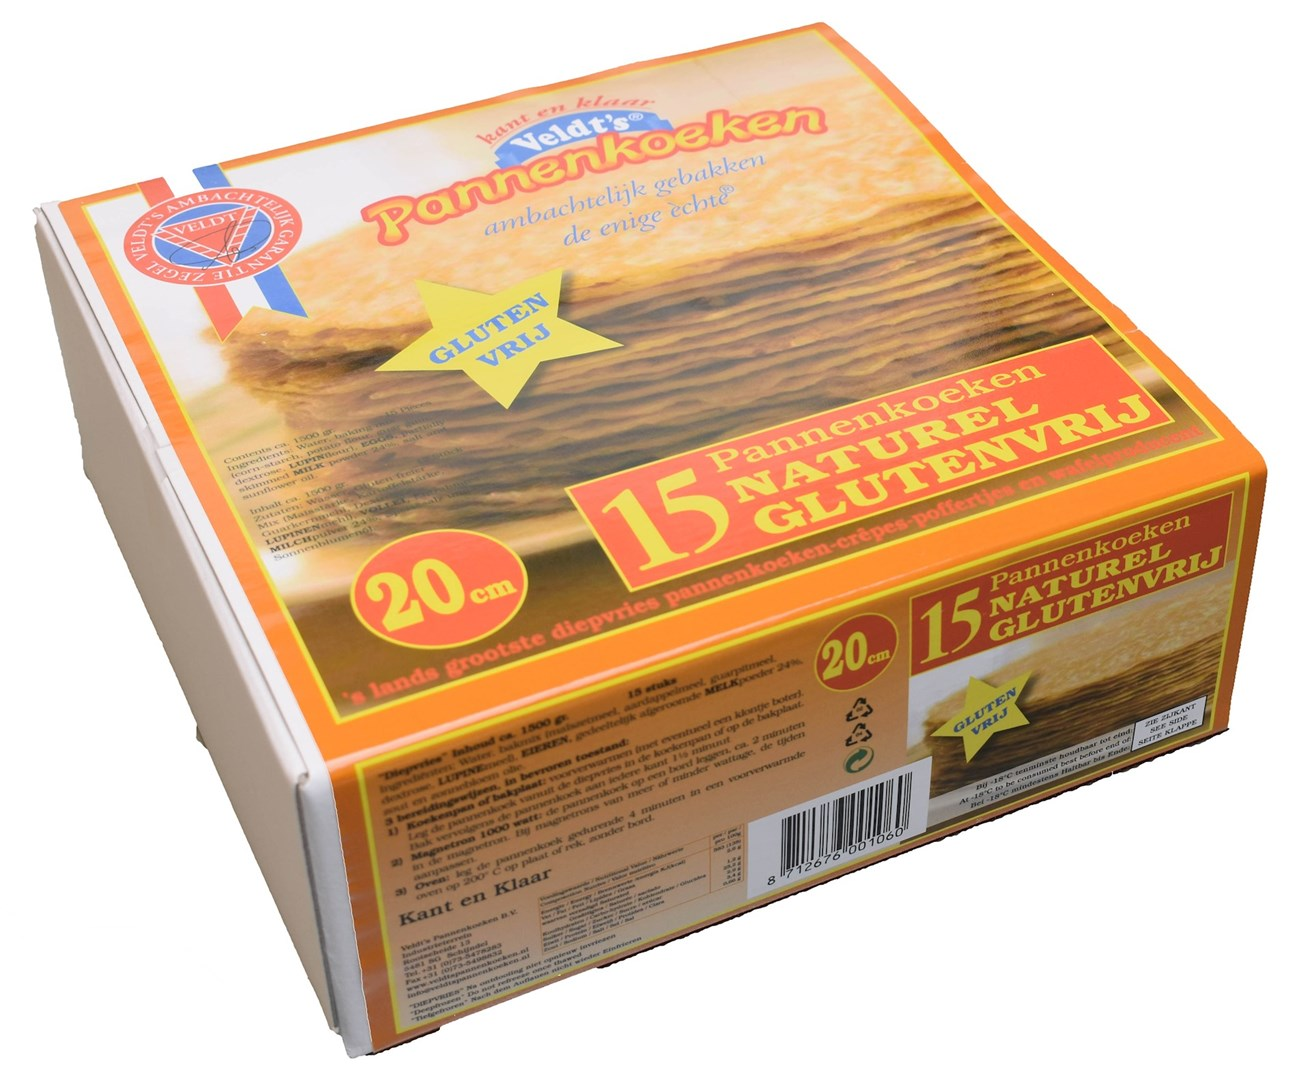 Productafbeelding Glutenvrij Naturel Pannenkoek 20 cm 15 x 100 gr.